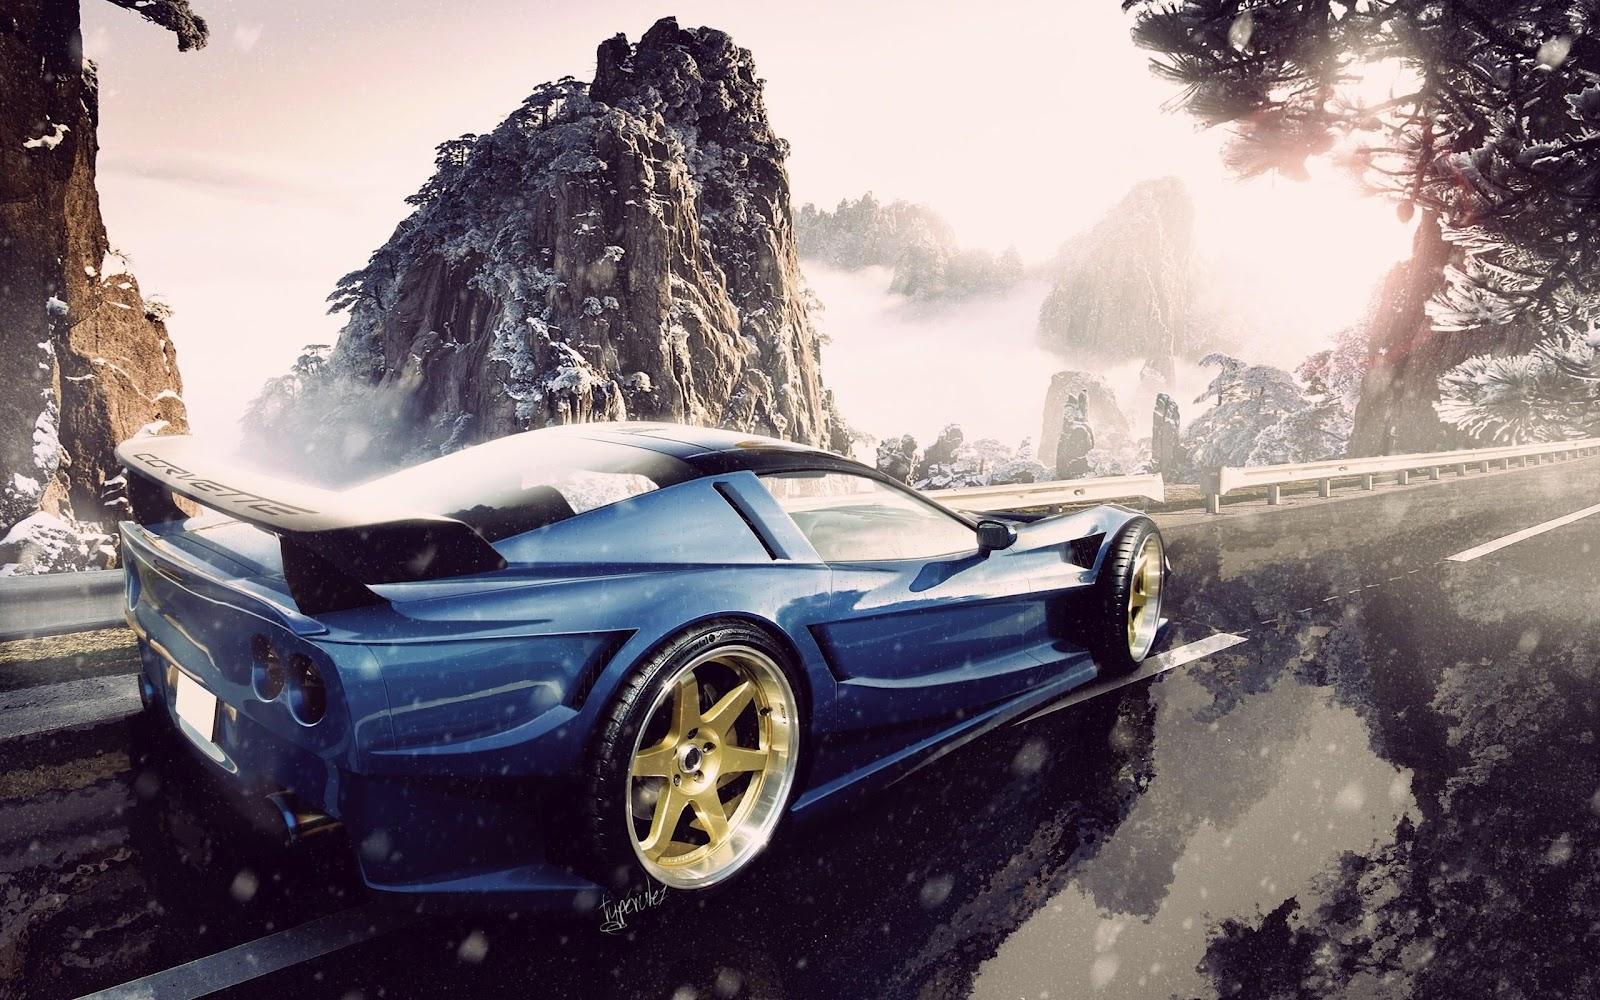 http://4.bp.blogspot.com/-ZluiN7tp3ac/UDd_FOavvdI/AAAAAAAAFEU/wIH116hybEQ/s1600/Corvette-Desktop-HD-car-Wallpapers.jpg